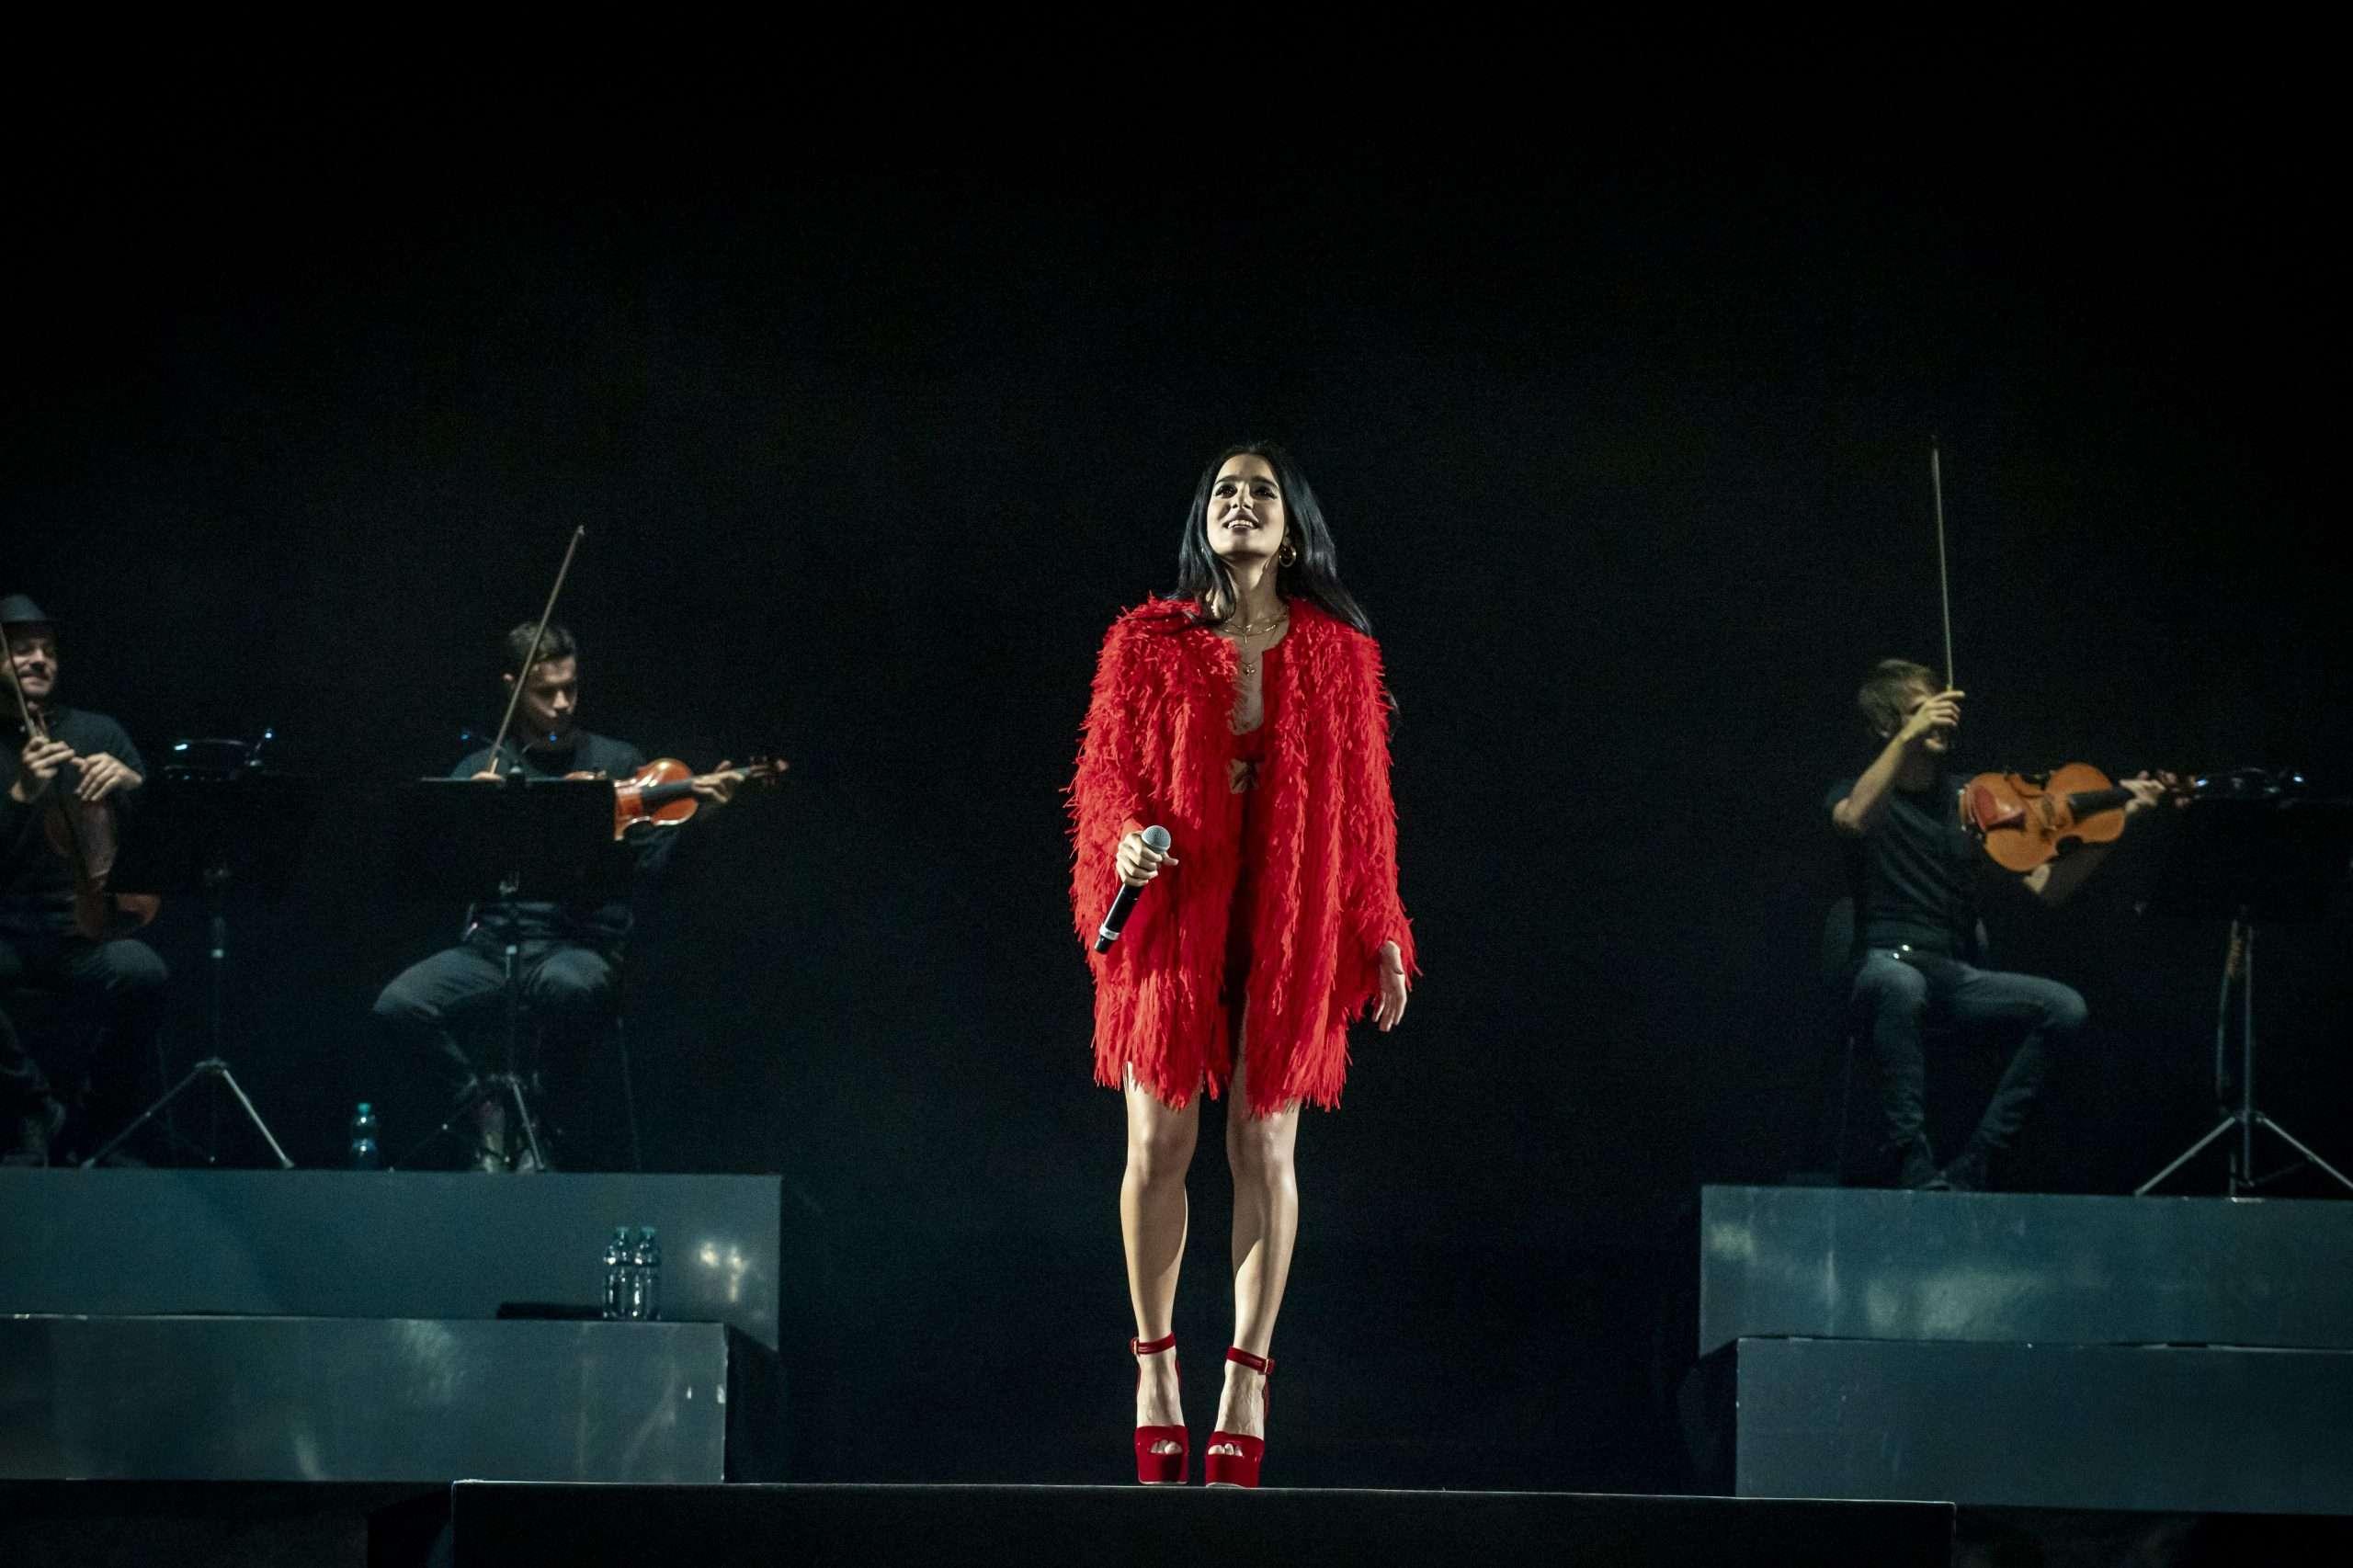 Foto-concerto-milano-levante-23-novembre-2019-prandoni